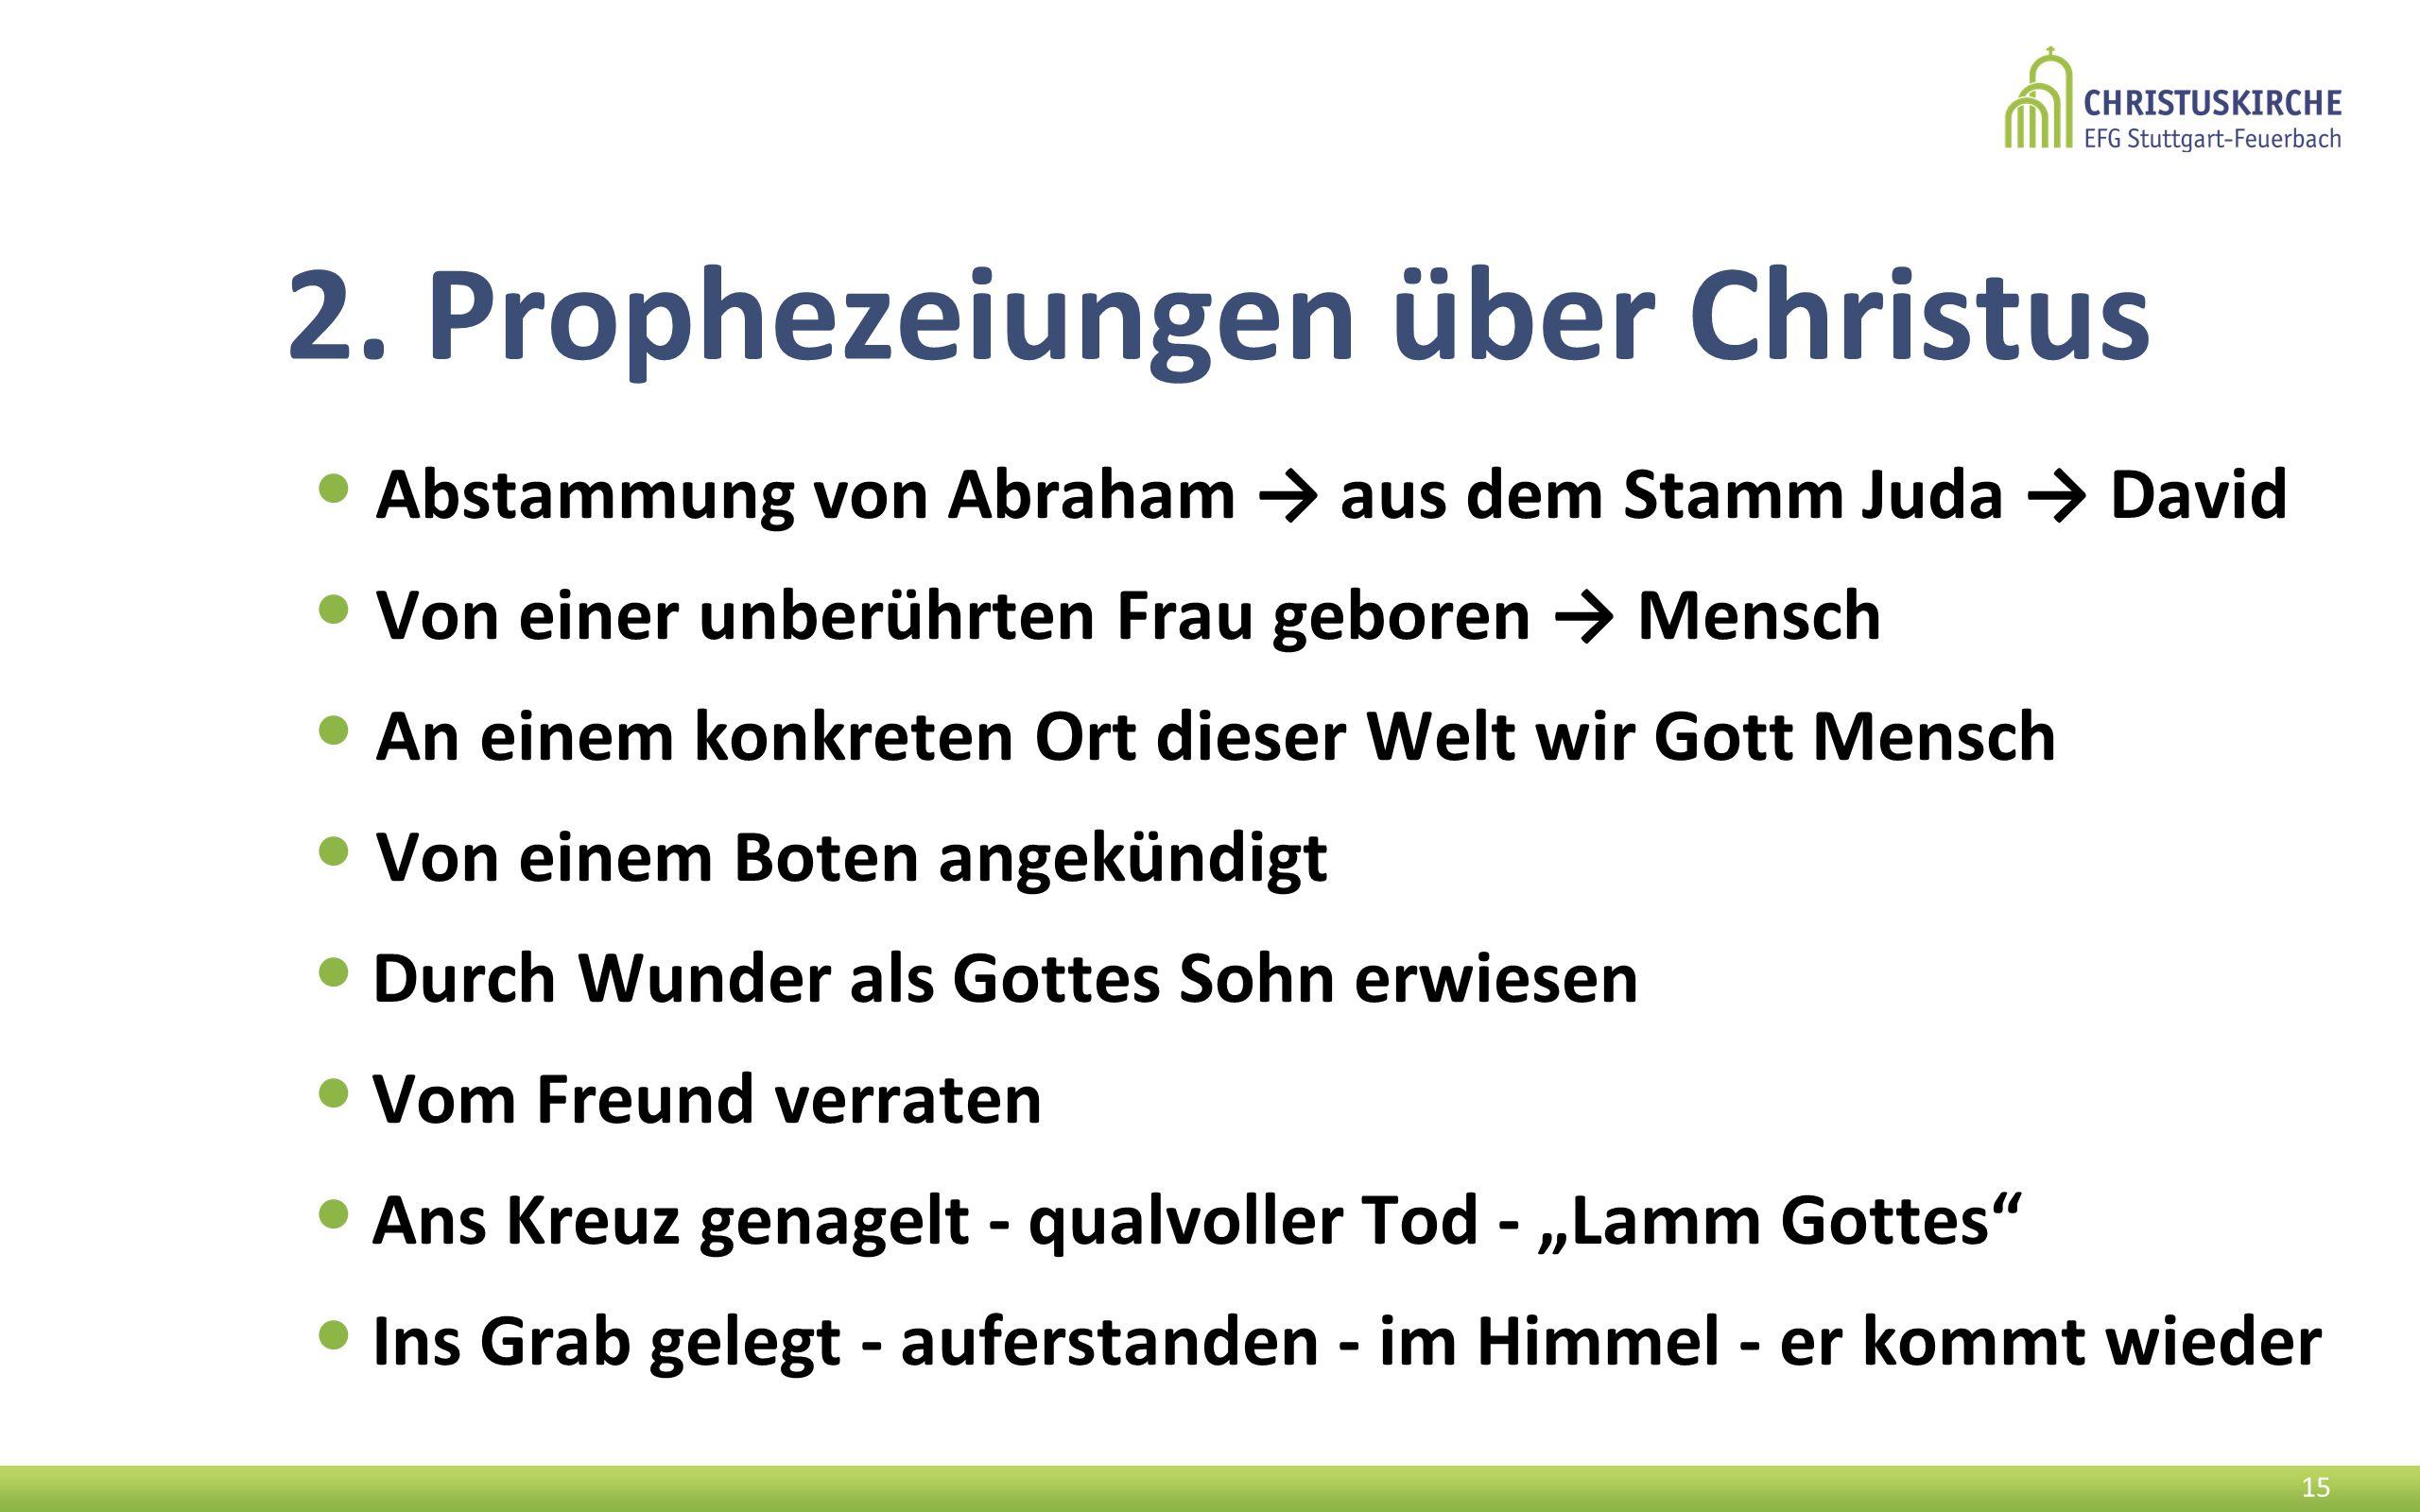 2. Prophezeiungen über Christus